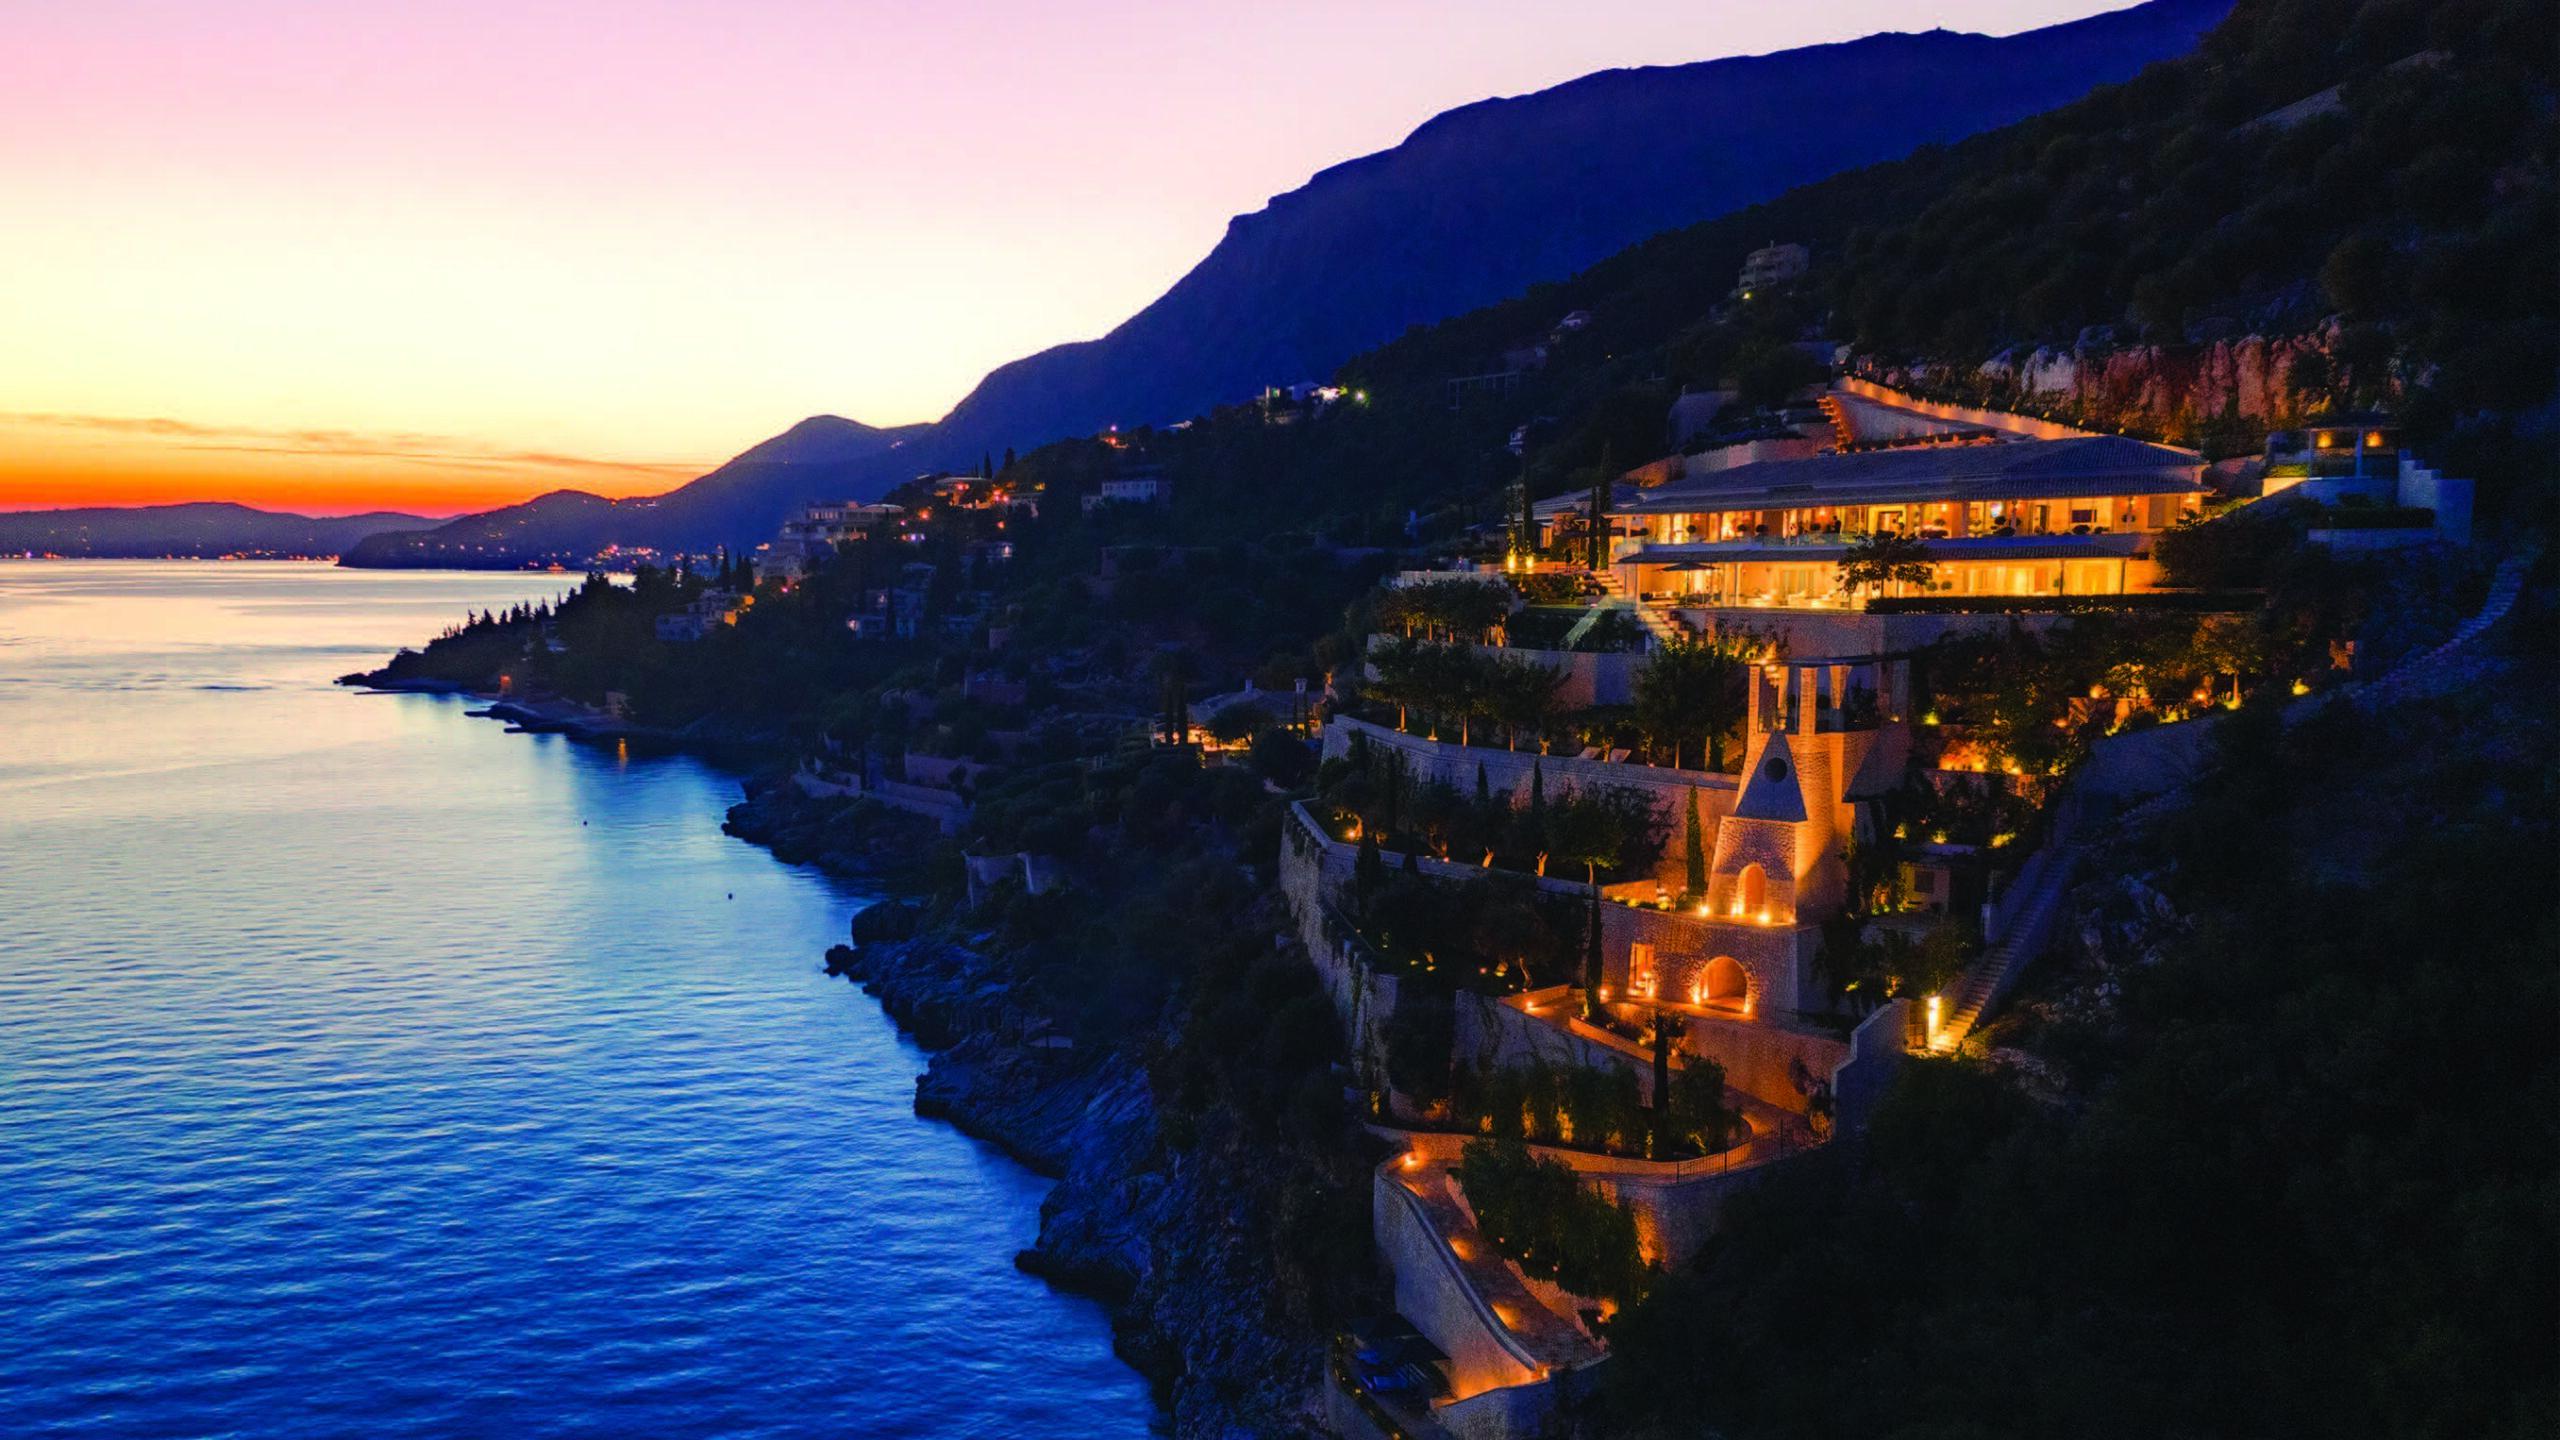 Private Villa, Corfu, Greece